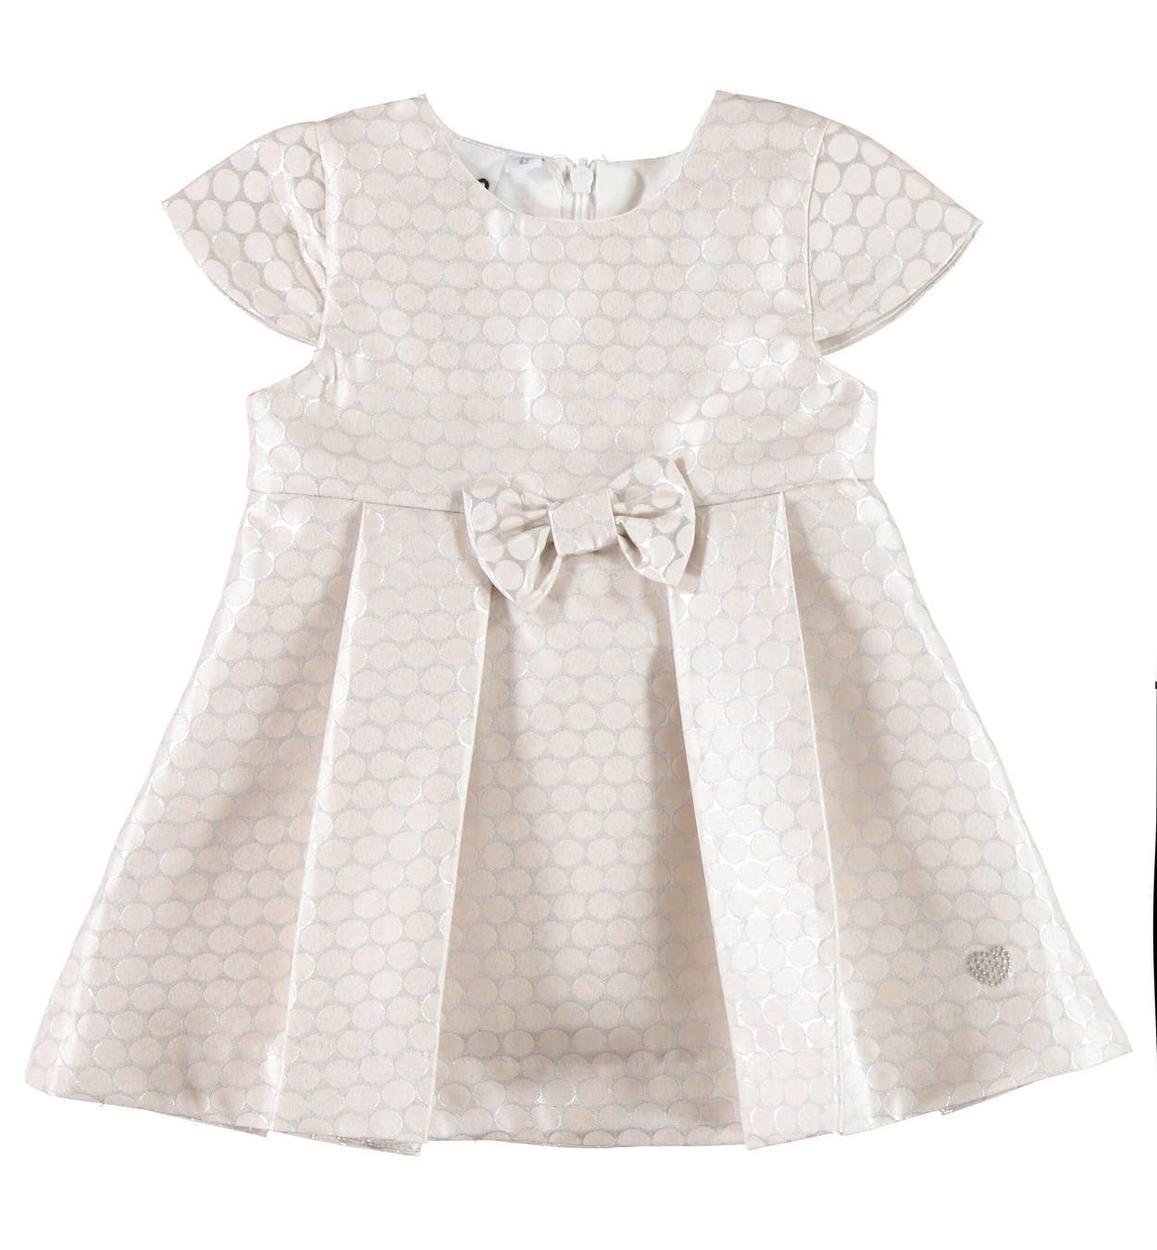 Vestiti Eleganti Neonata.Elegante Vestitino Con Fiocco Per Neonata Da 0 A 18 Mesi Ido